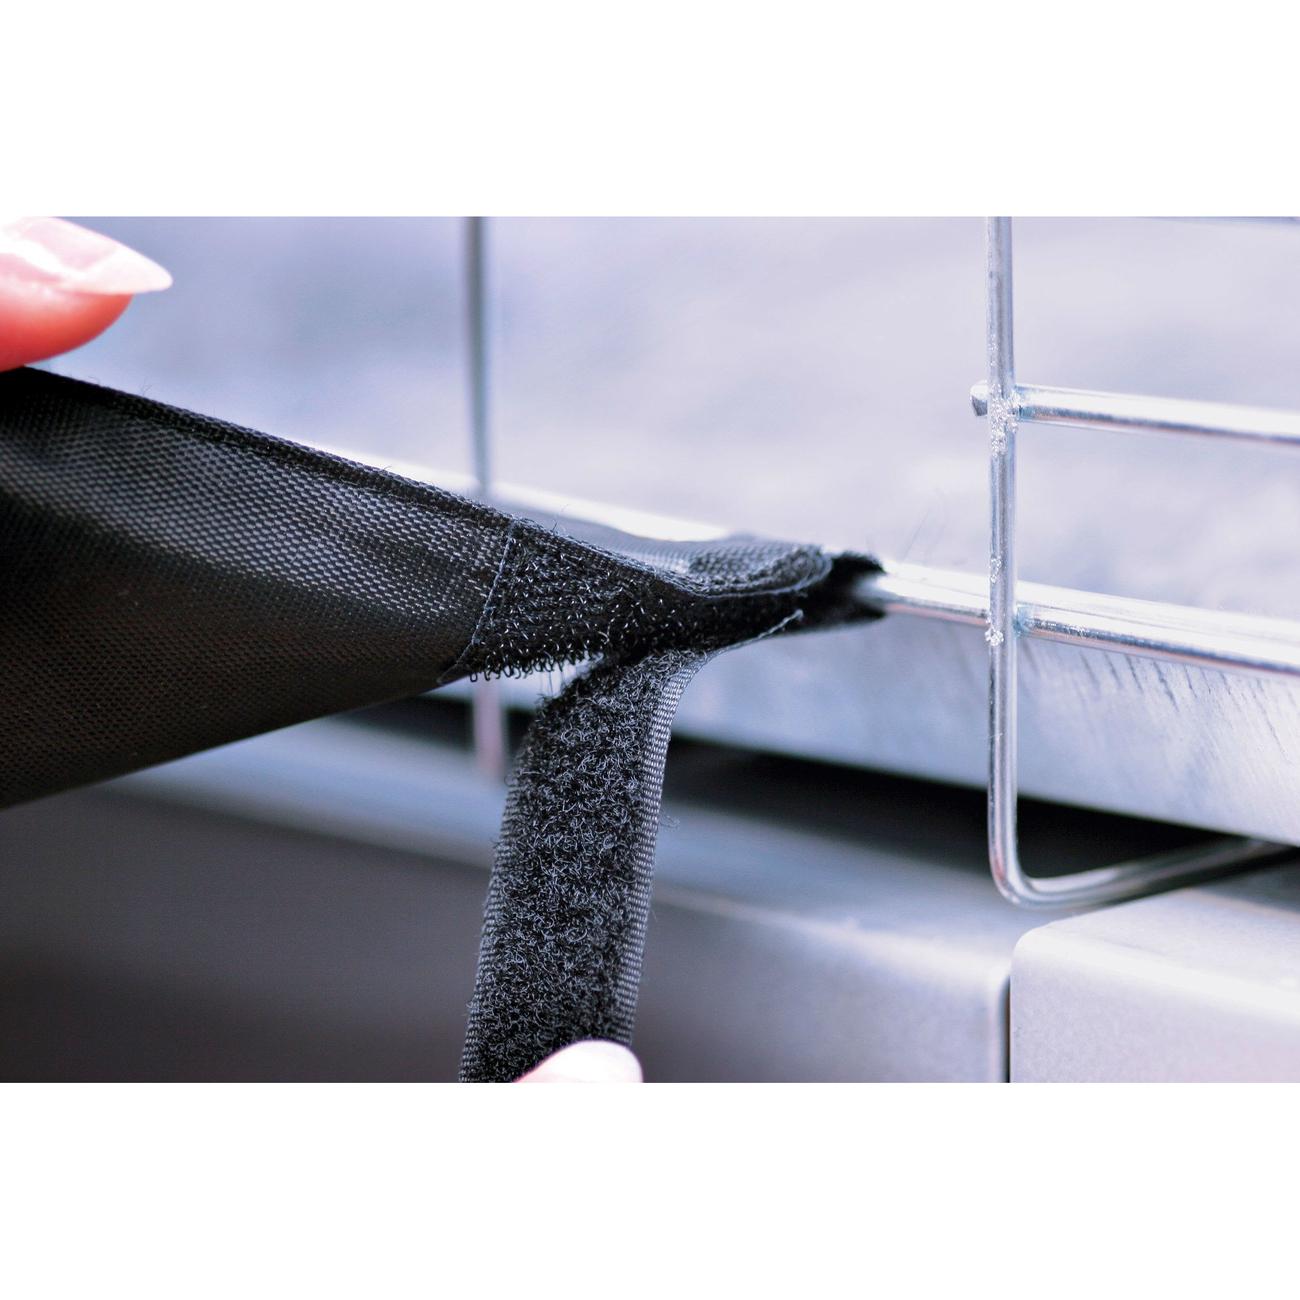 TRIXIE Stoßstangenschutz Stoßstangenschürze für das Auto 1346, Bild 3